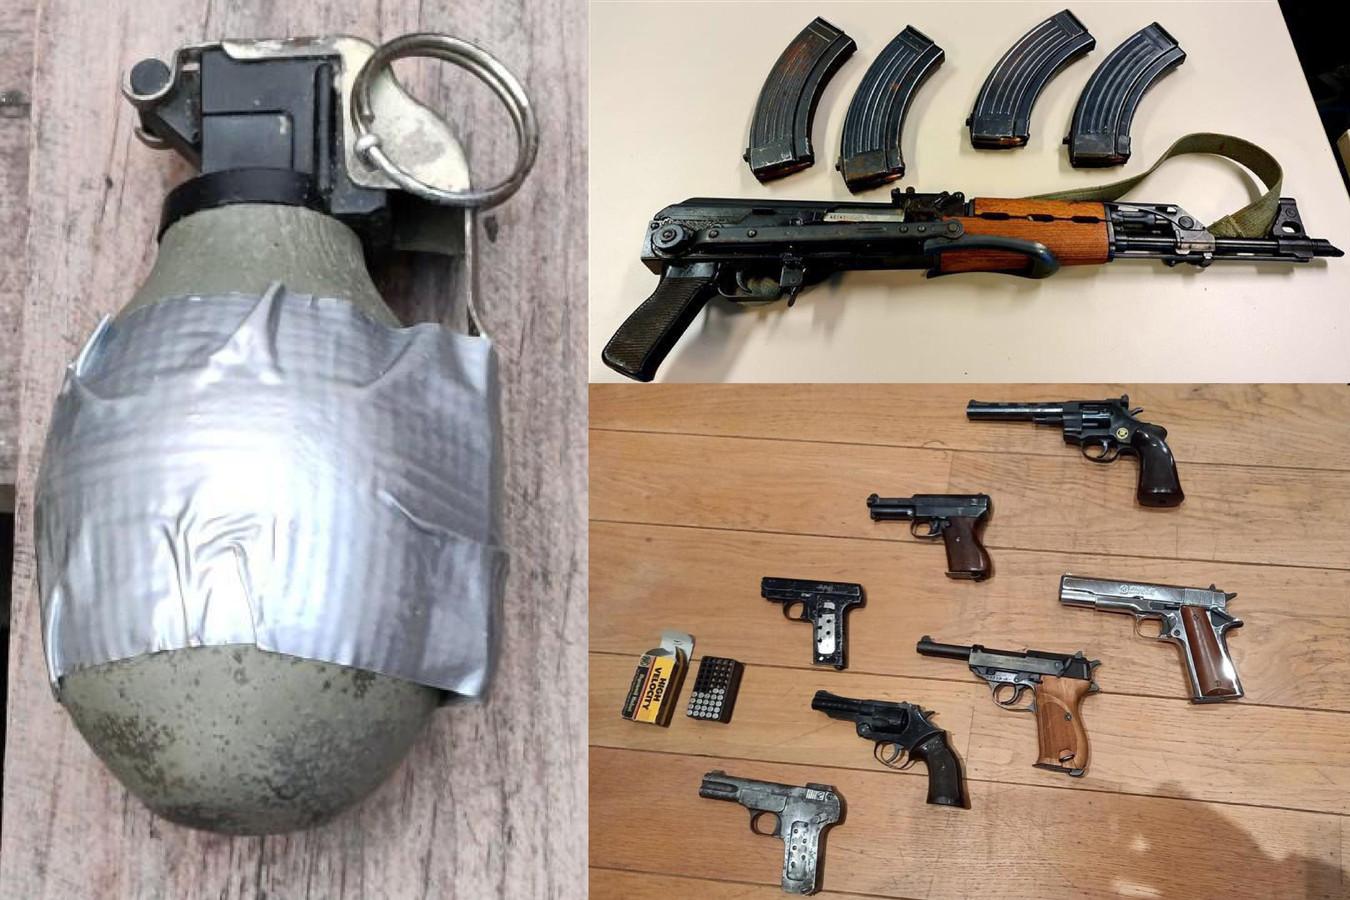 Bij de 13 huiszoekingen in en rondom Mechelen werd een aanzienlijke hoeveelheid wapens en munitie in beslag genomen